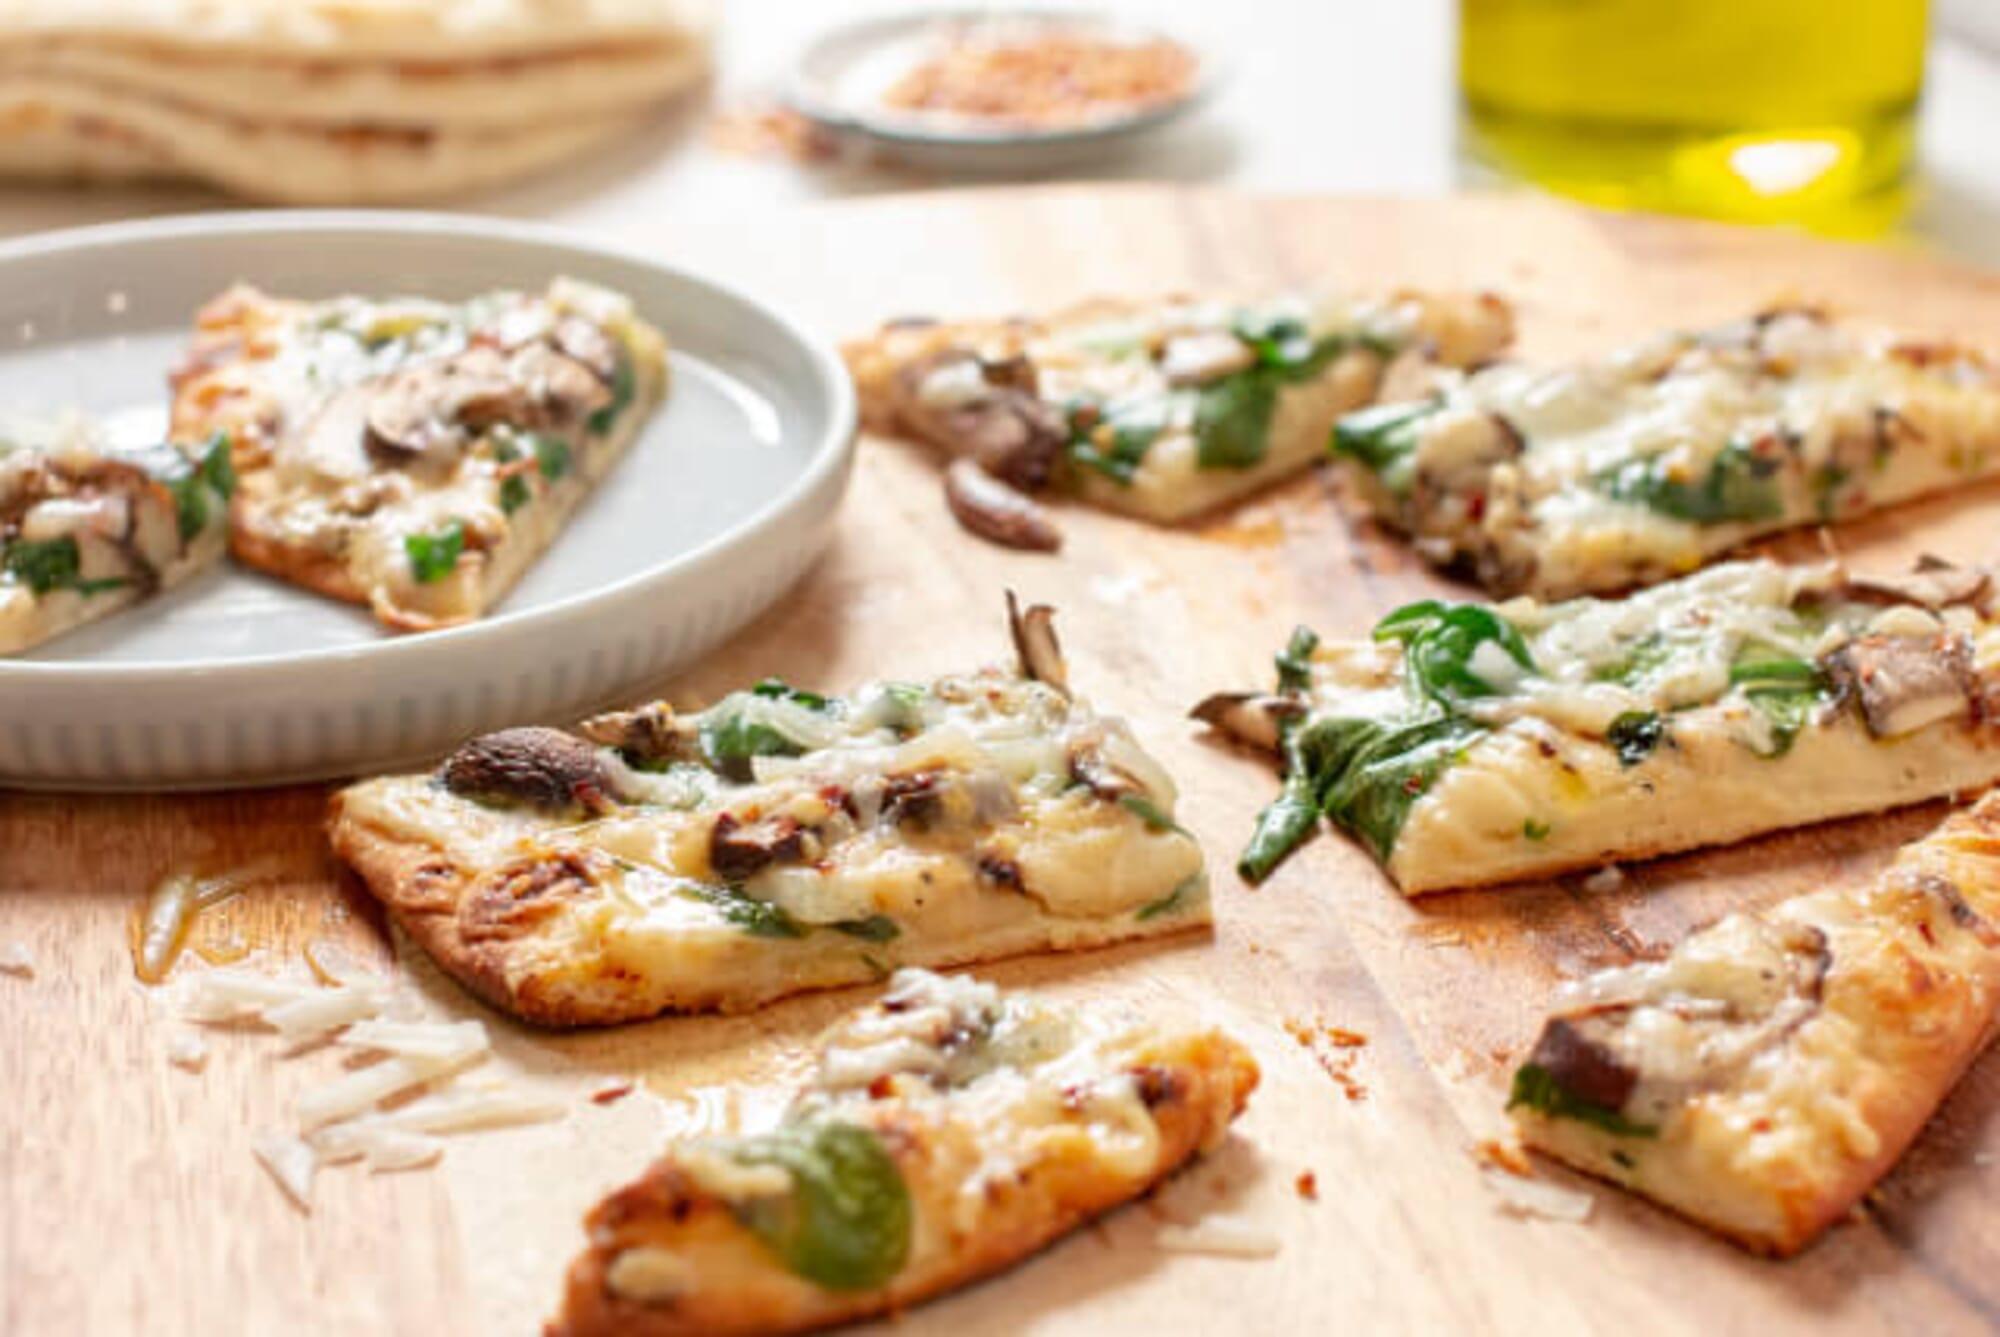 Spinach & Mushroom Tandoori Flatbread